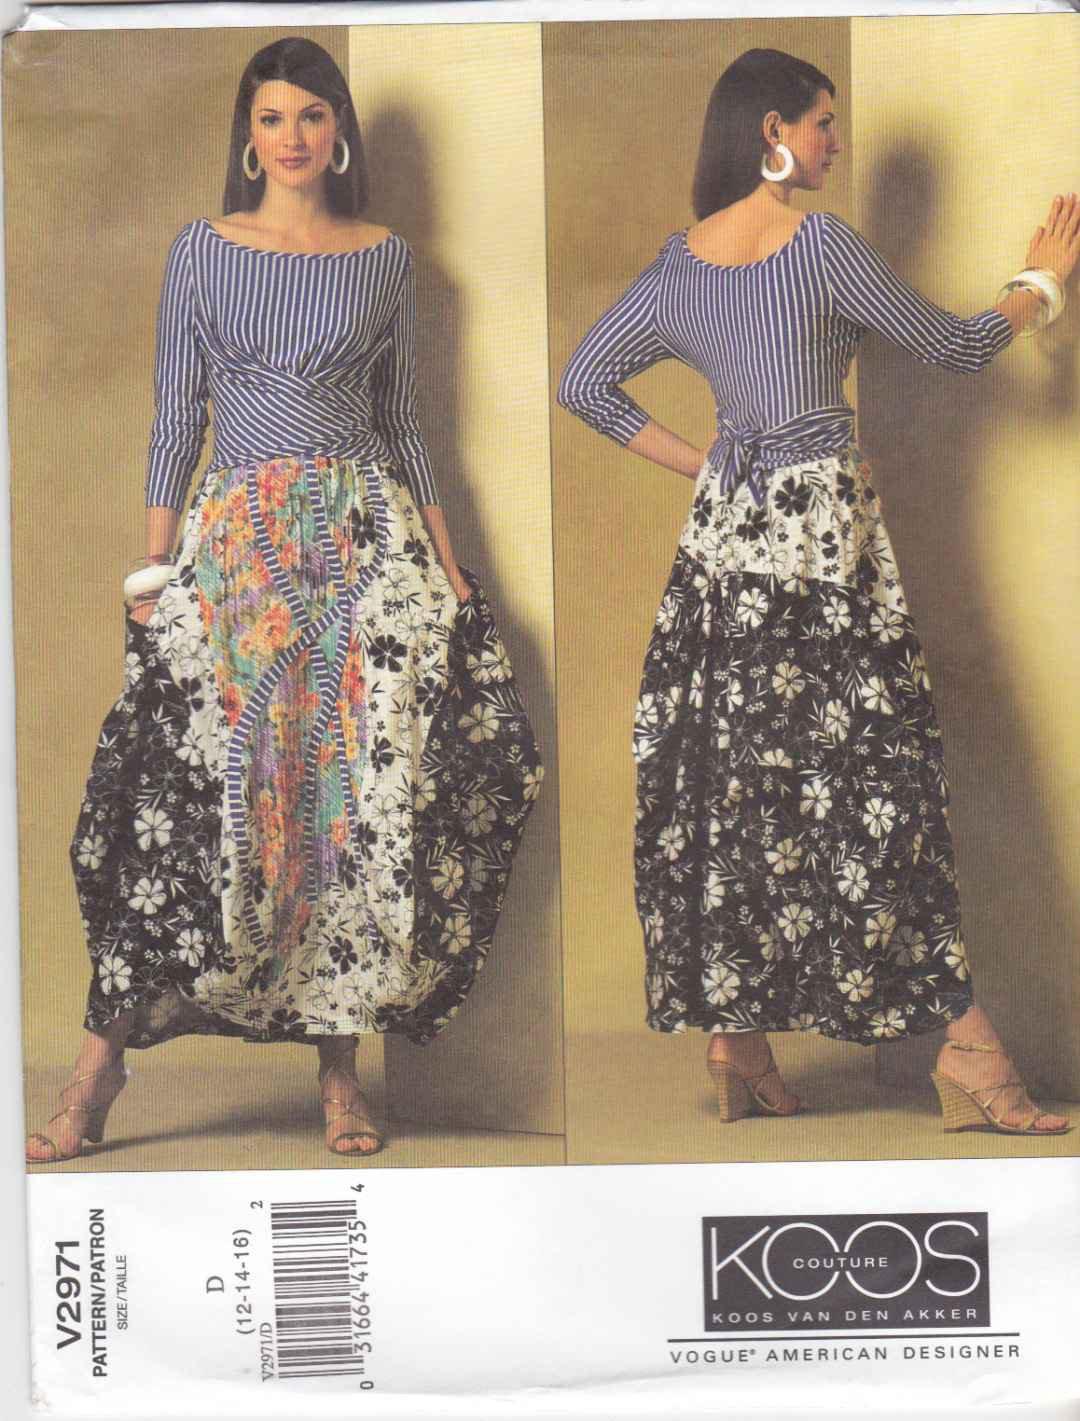 Vogue Sewing Pattern 2971 Misses Size 18-22 Koos Van Den Akker Knit Top Flared Contrast Skirt